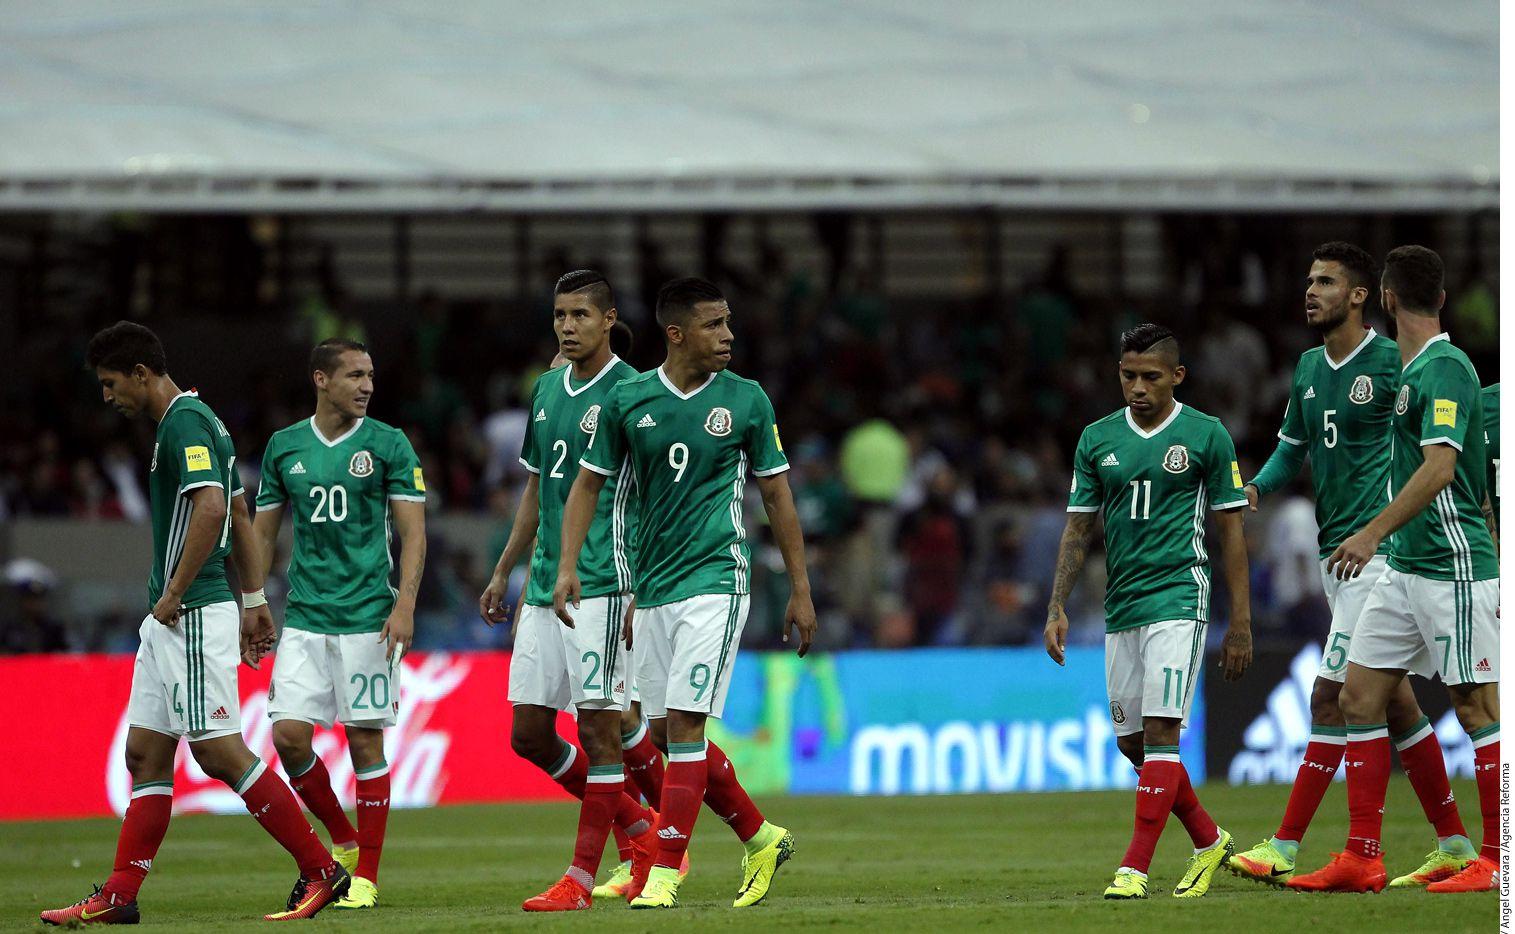 Juan Carlos Osorio no se guardó nada con la Selección Mexicana y eligió a sus mejores piezas para buscar el liderato del Hexagonal. /AGENCIA REFORMA